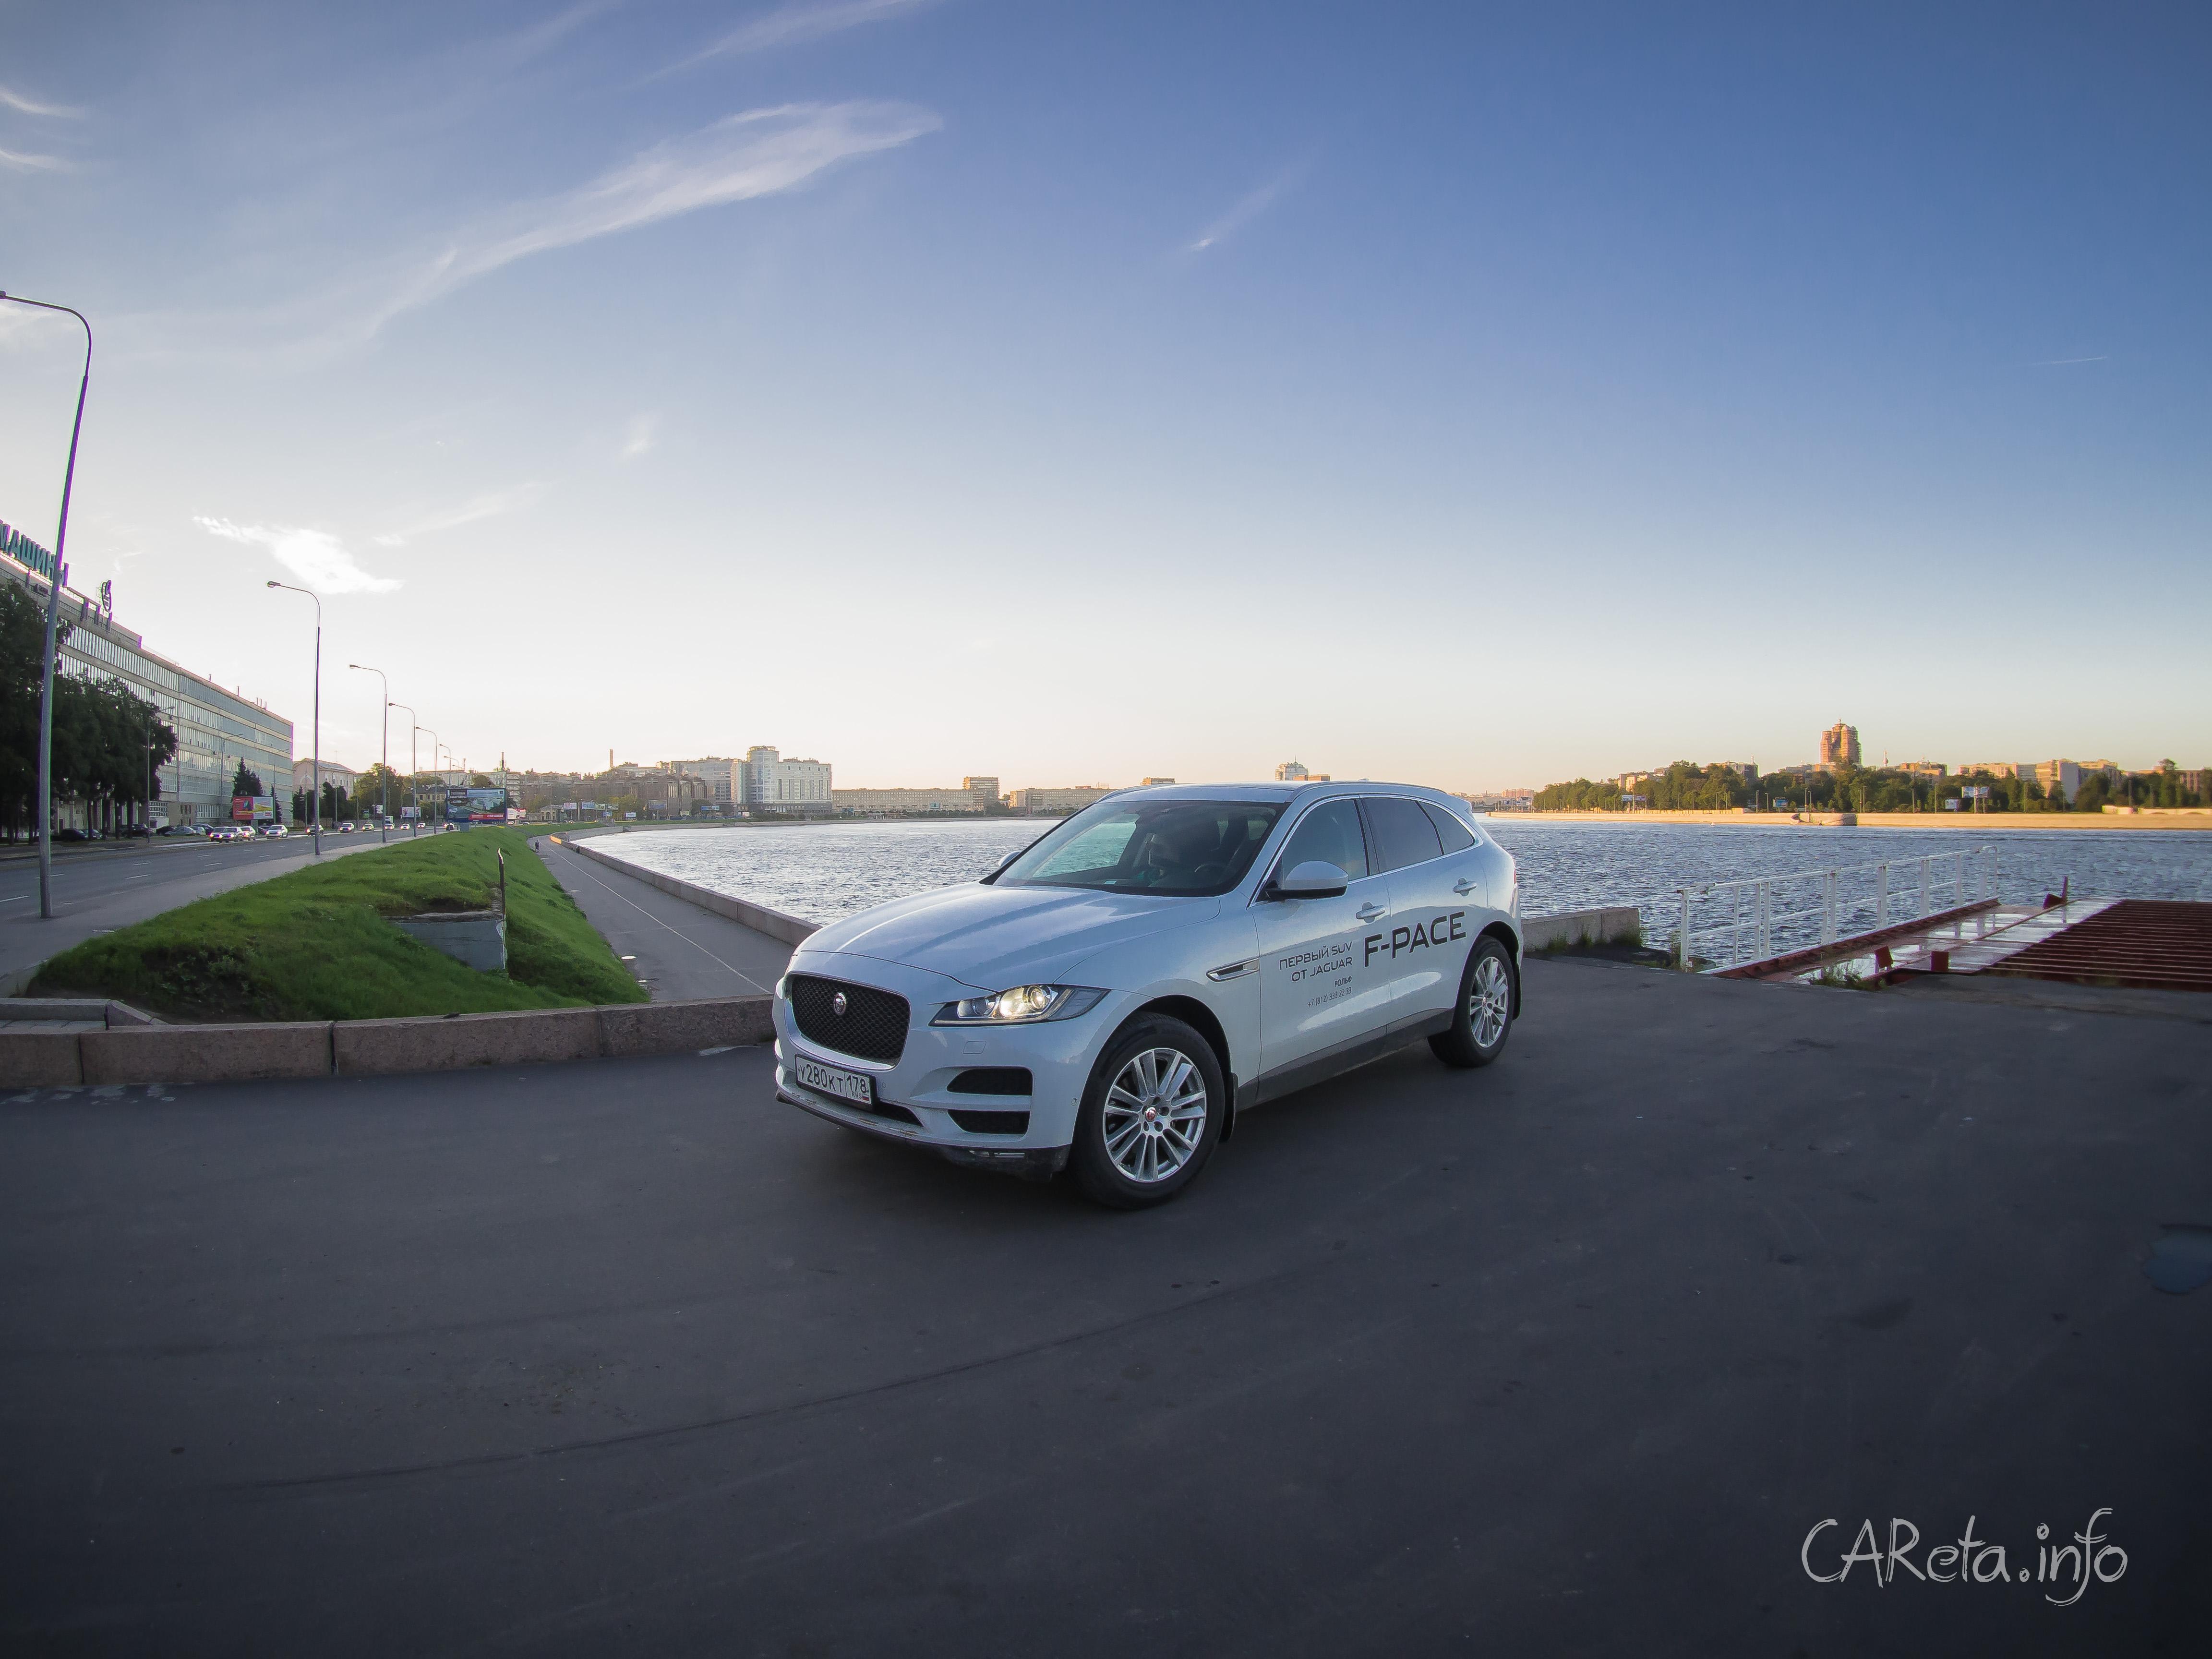 Jaguar увеличил продажи вдвое благодаря F-Pace